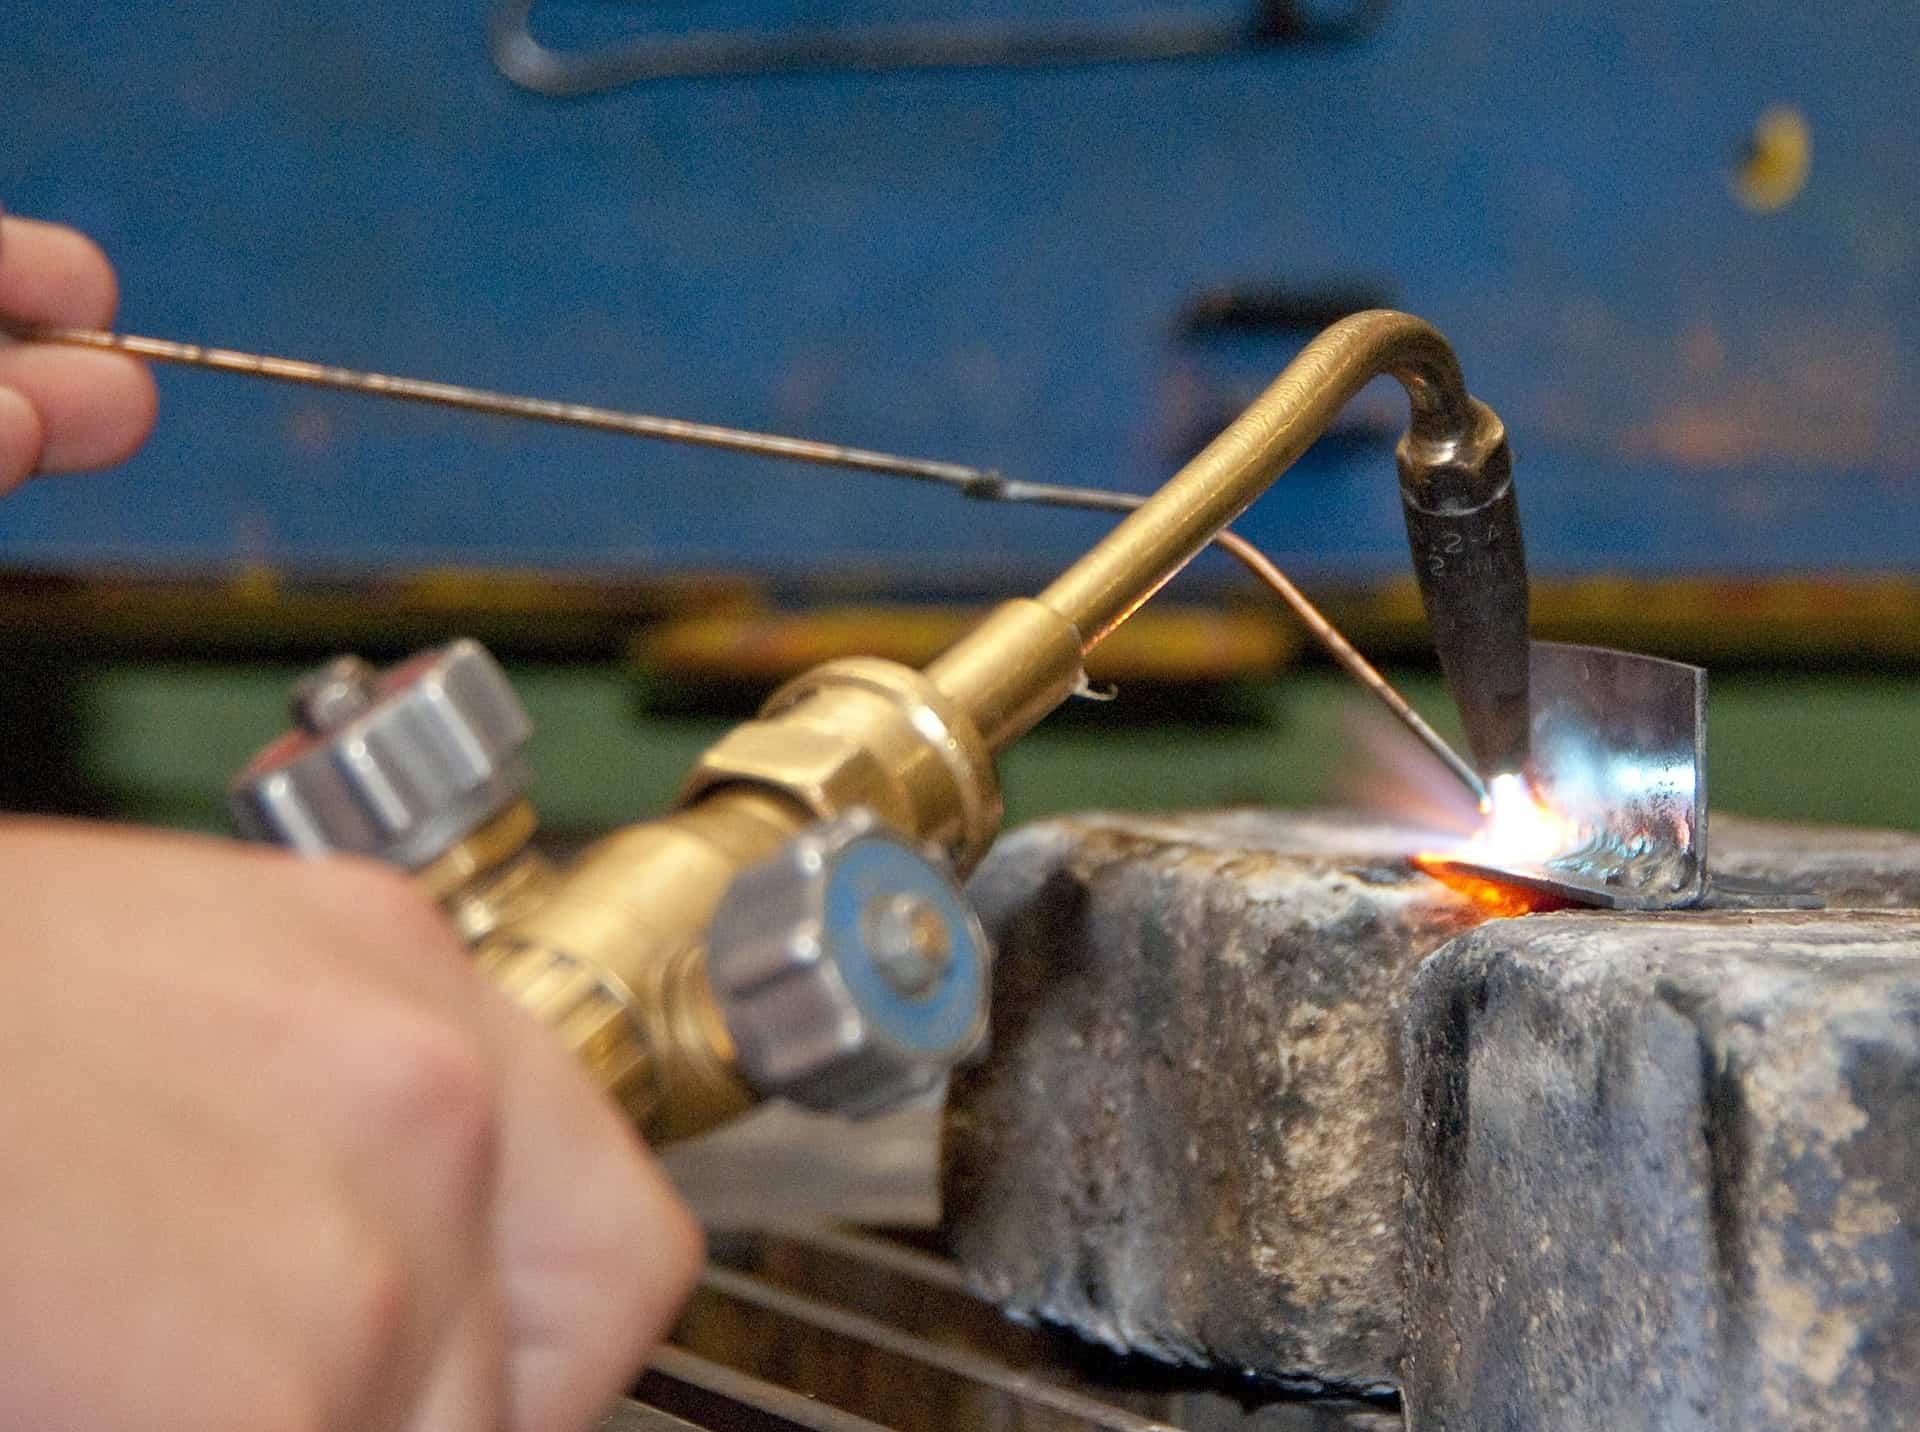 Imagem mostra uma máquina de solda sendo usada em um pequeno pedaço de metal.